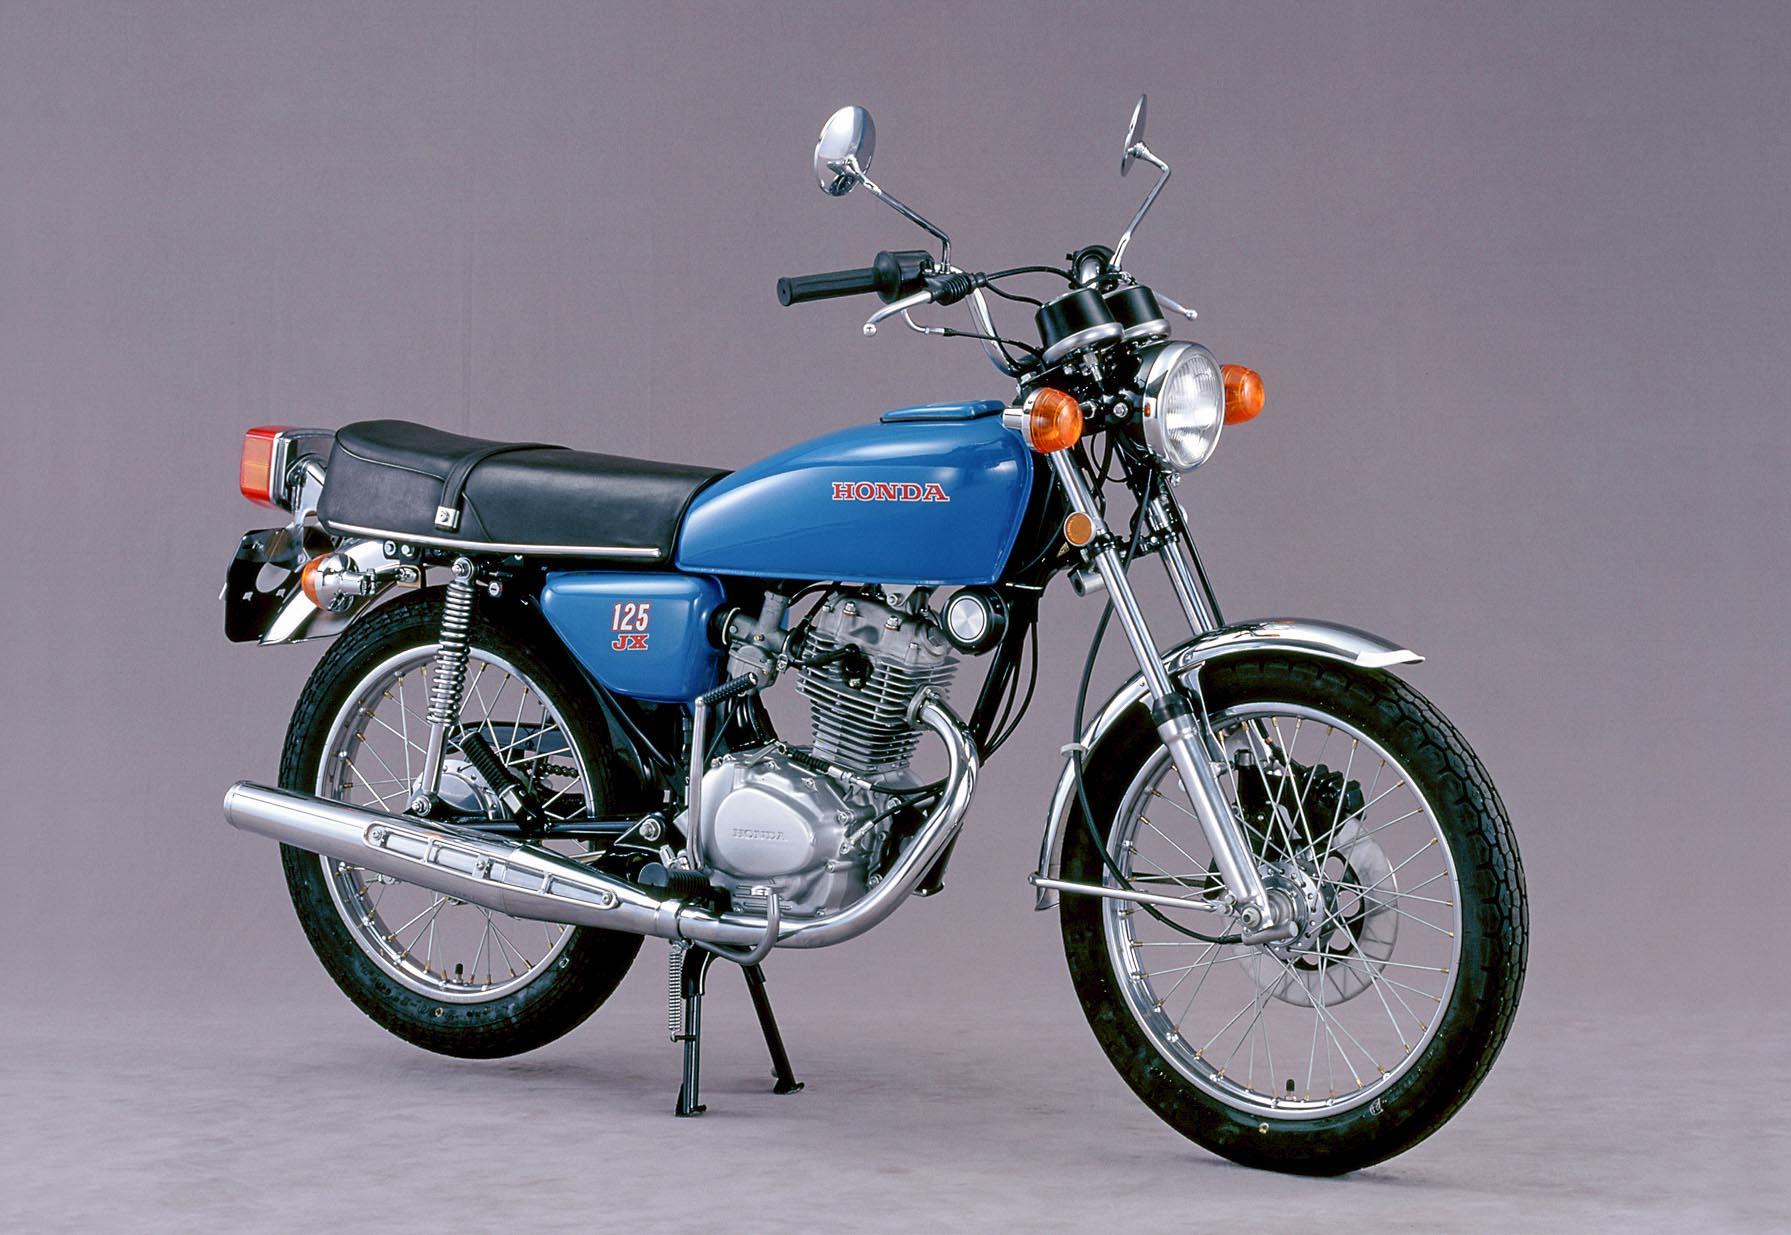 Honda CB 125 Einzylinder mit manueller Scheibenbremse Baujahr 1975